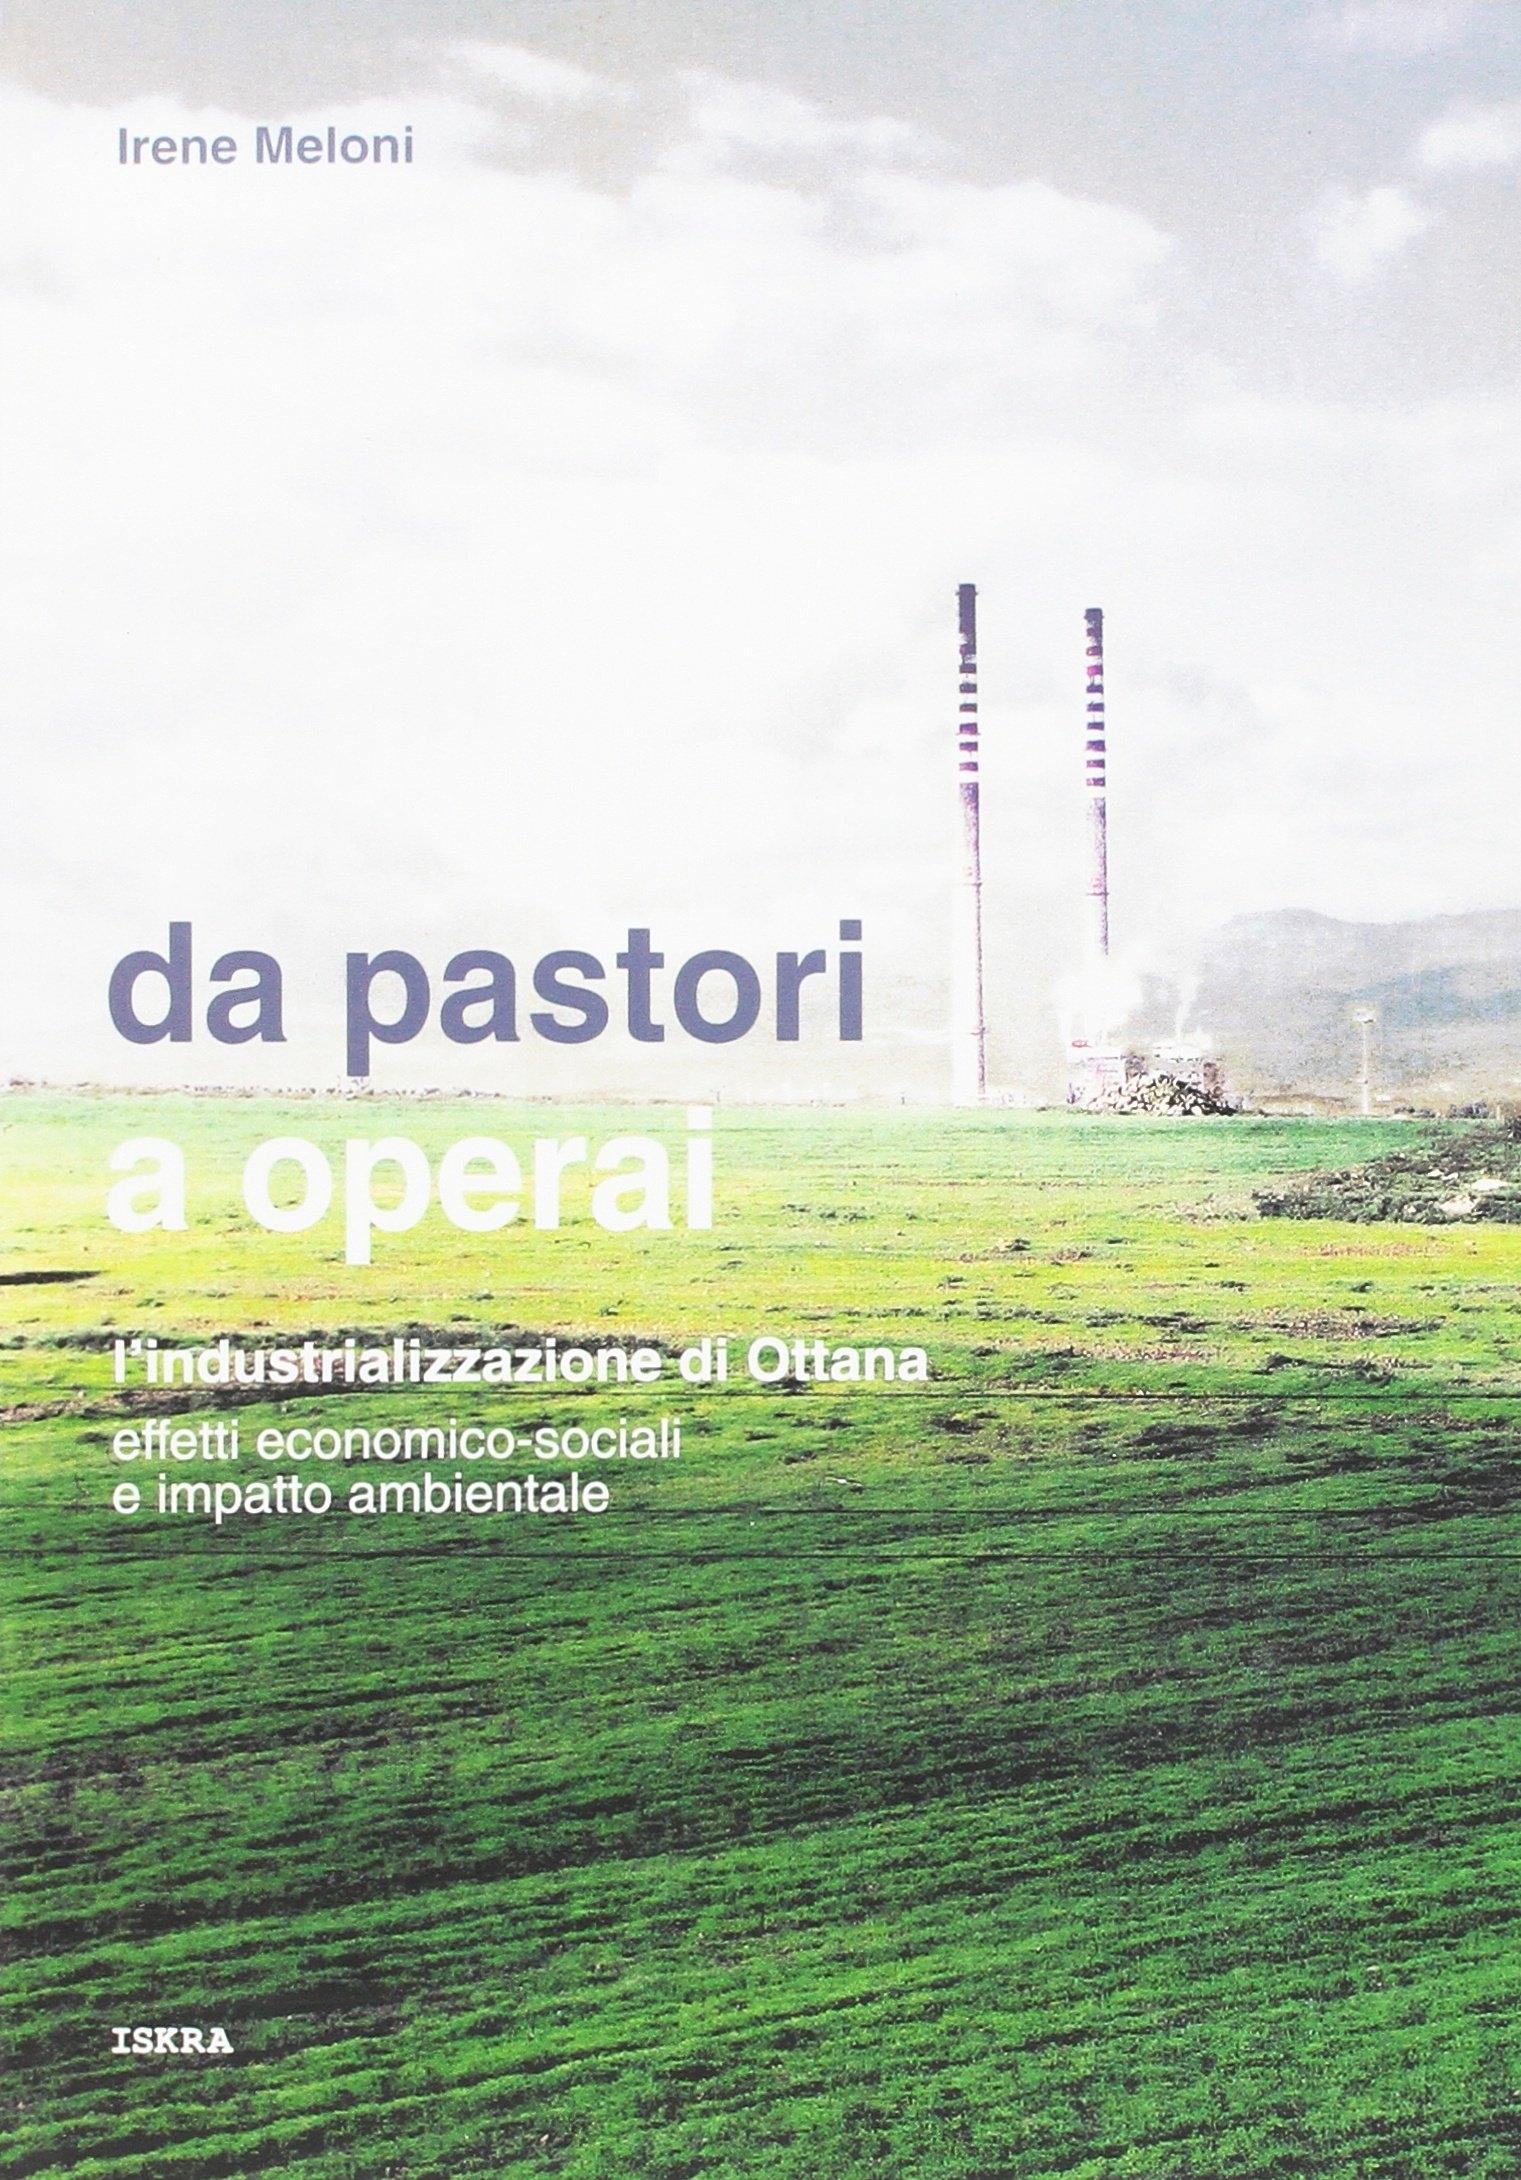 Da pastori a operai. L'industrializzazione di Ottana. Effetti economico-sociali e impatto ambientale